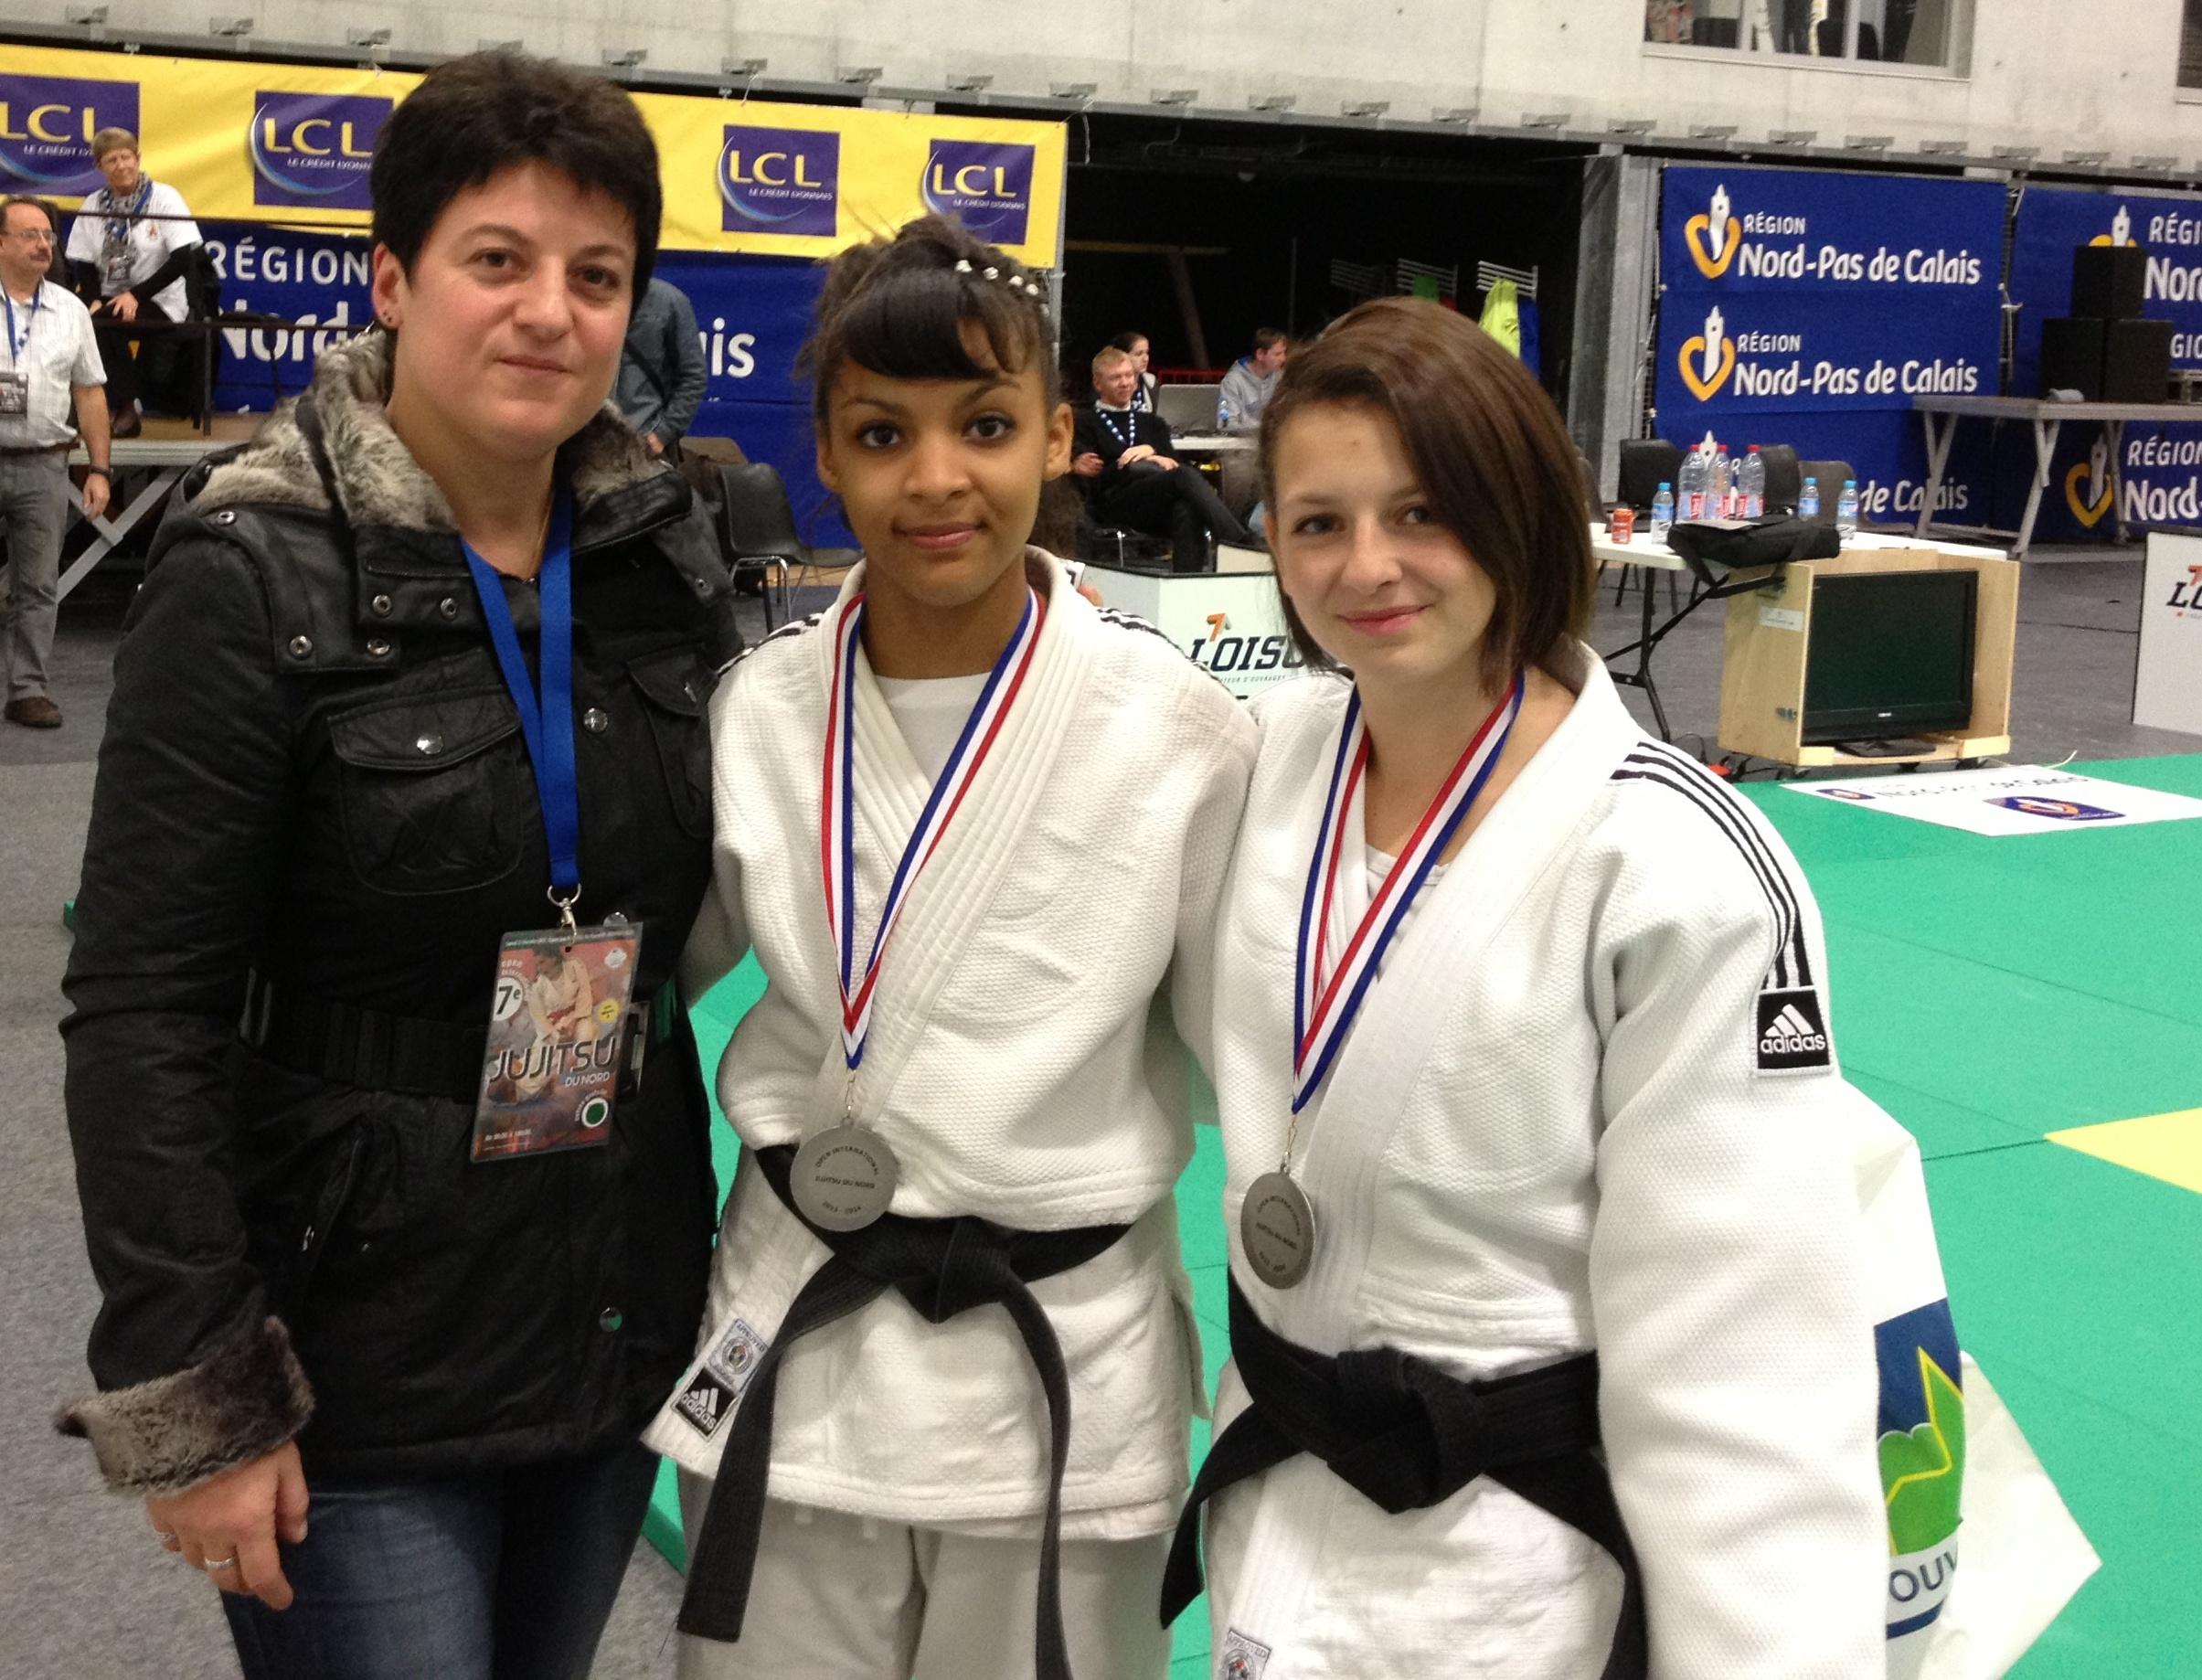 Les ponotes 2 èmes à l'Open International Jujitsu du Nord